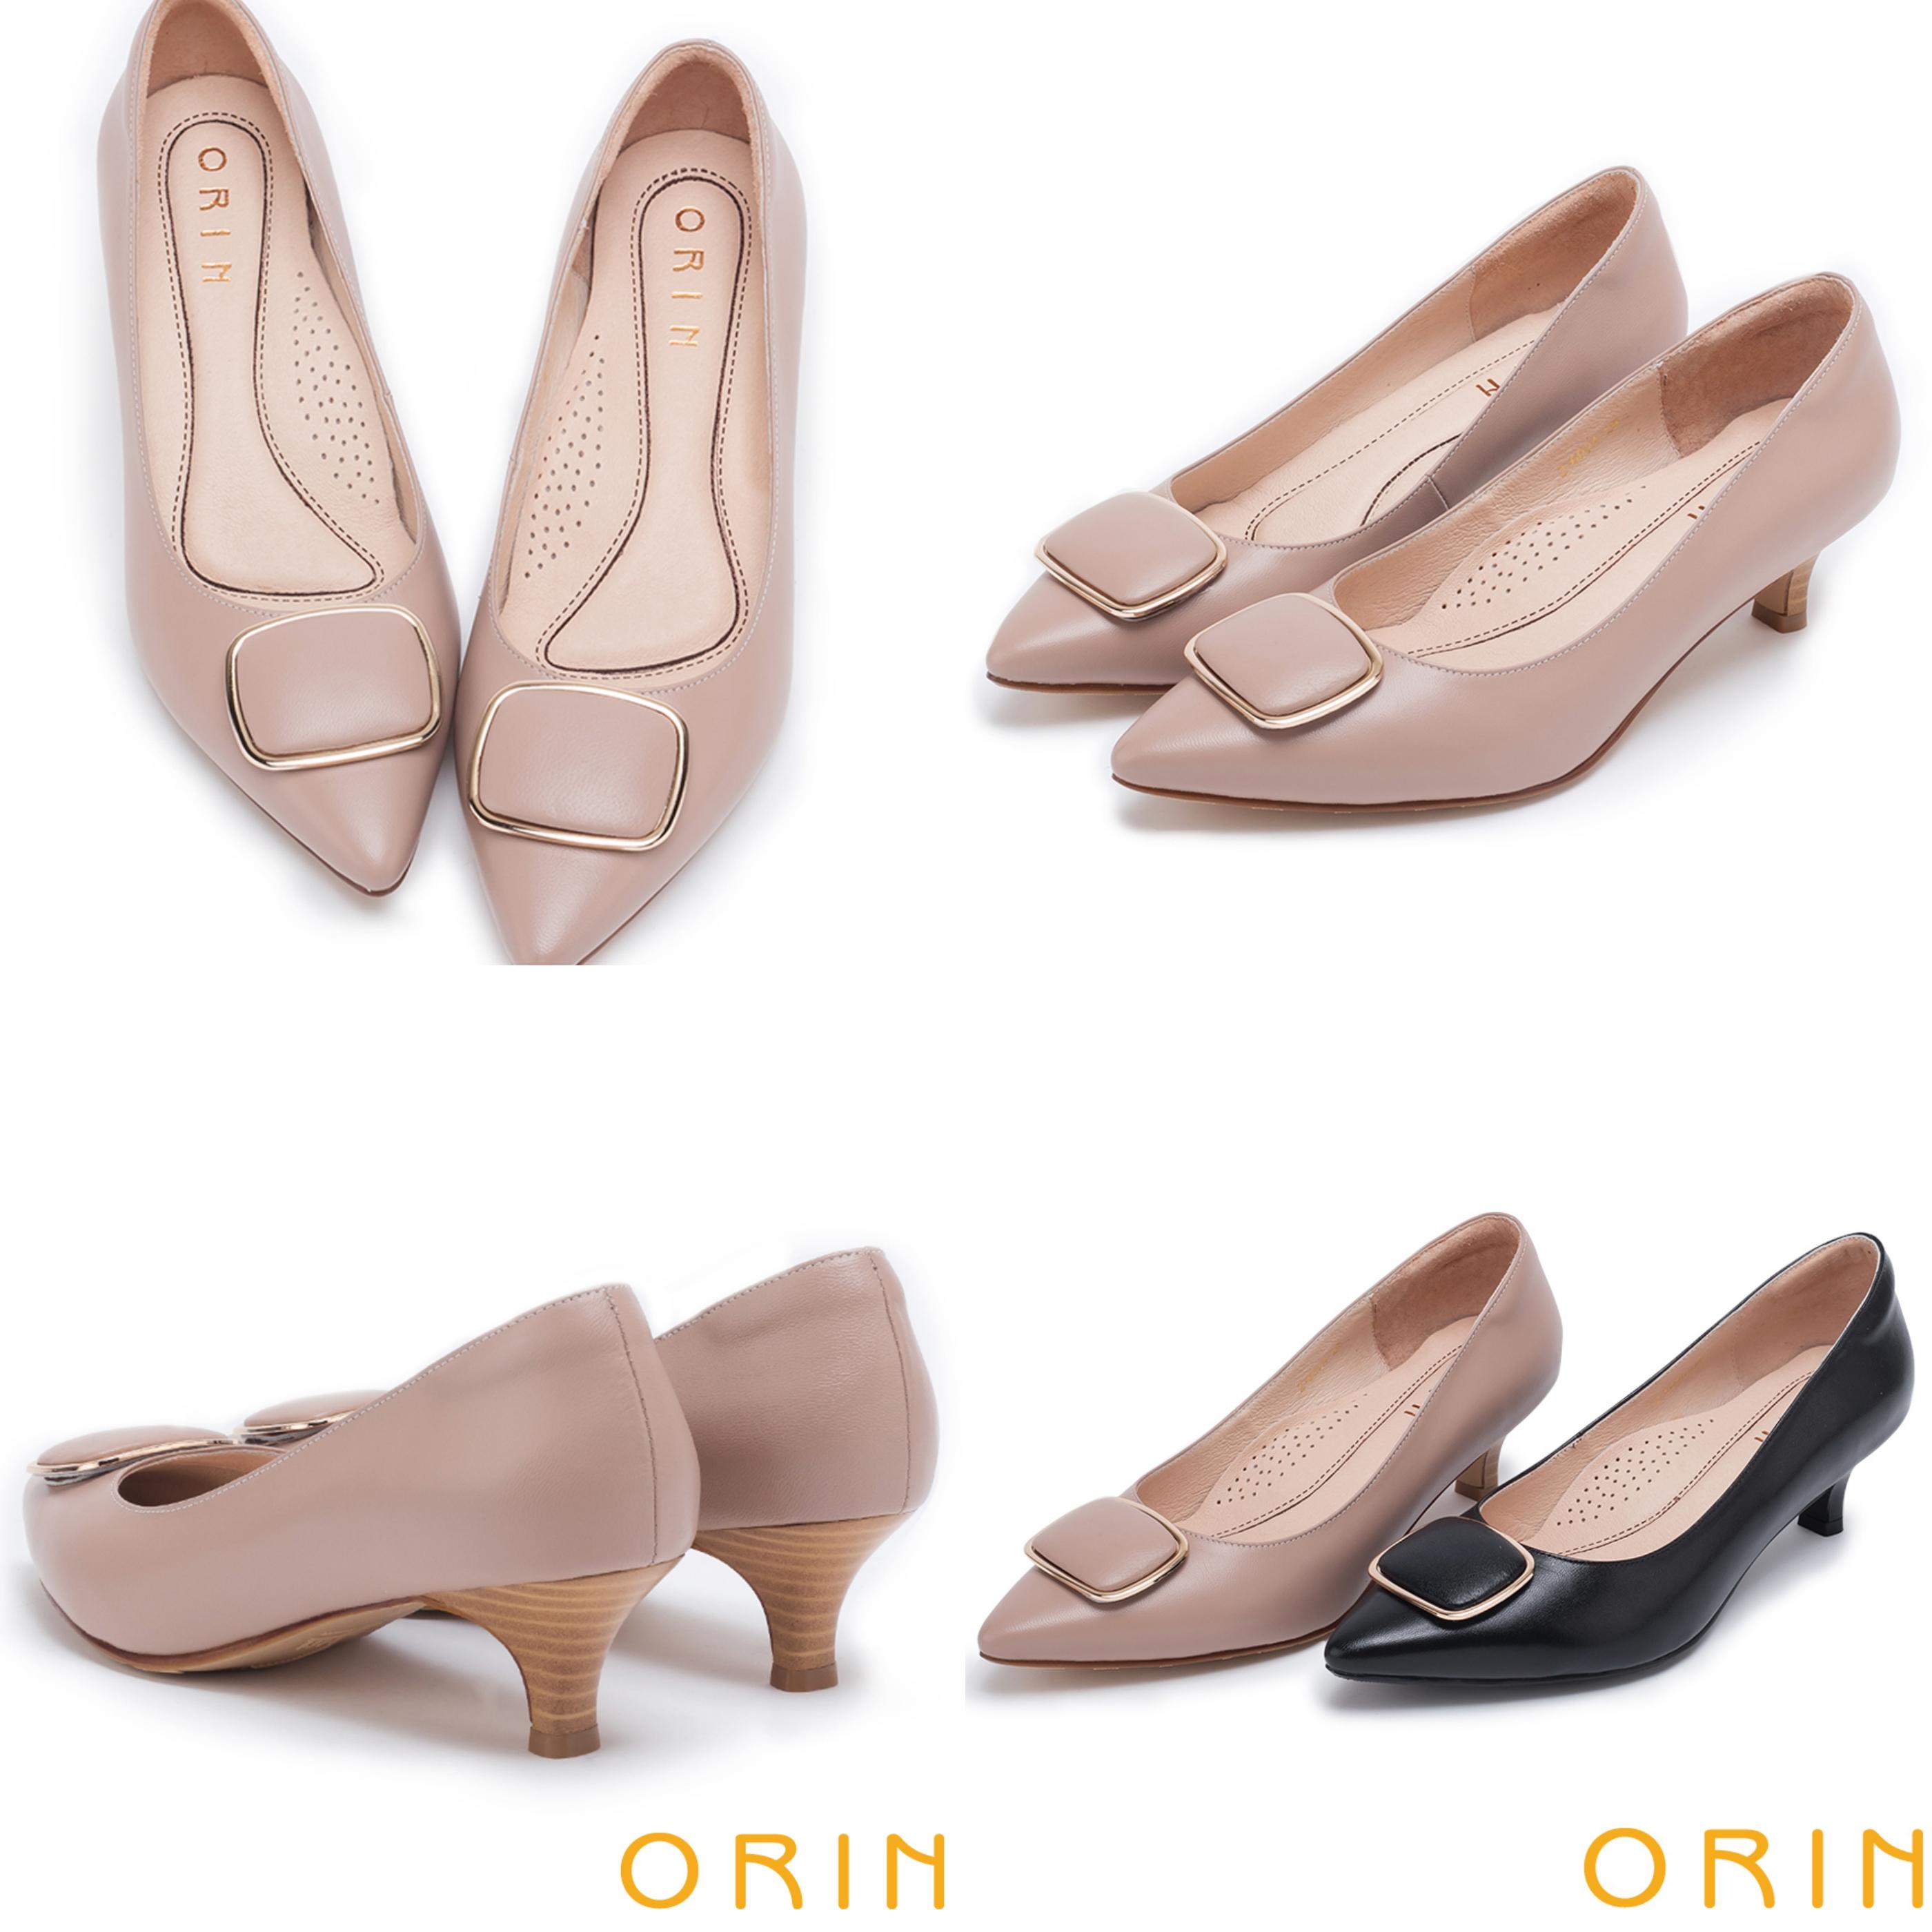 經典款方型飾釦修飾腳型的尖頭鞋型,讓春夏也要復古味十足